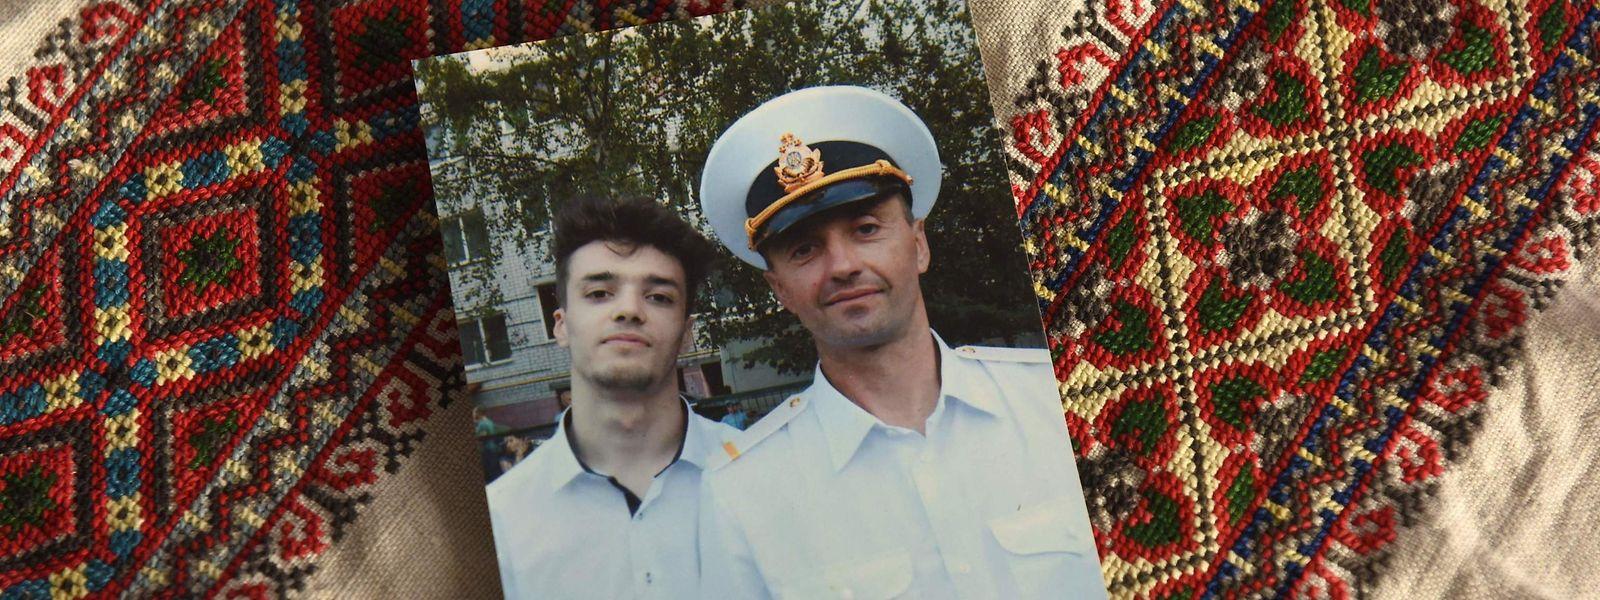 Photo de famille. Andriy Oprysko (à droite), 47 ans, l'un des 24 marins ukrainiens détenus par la Russie.